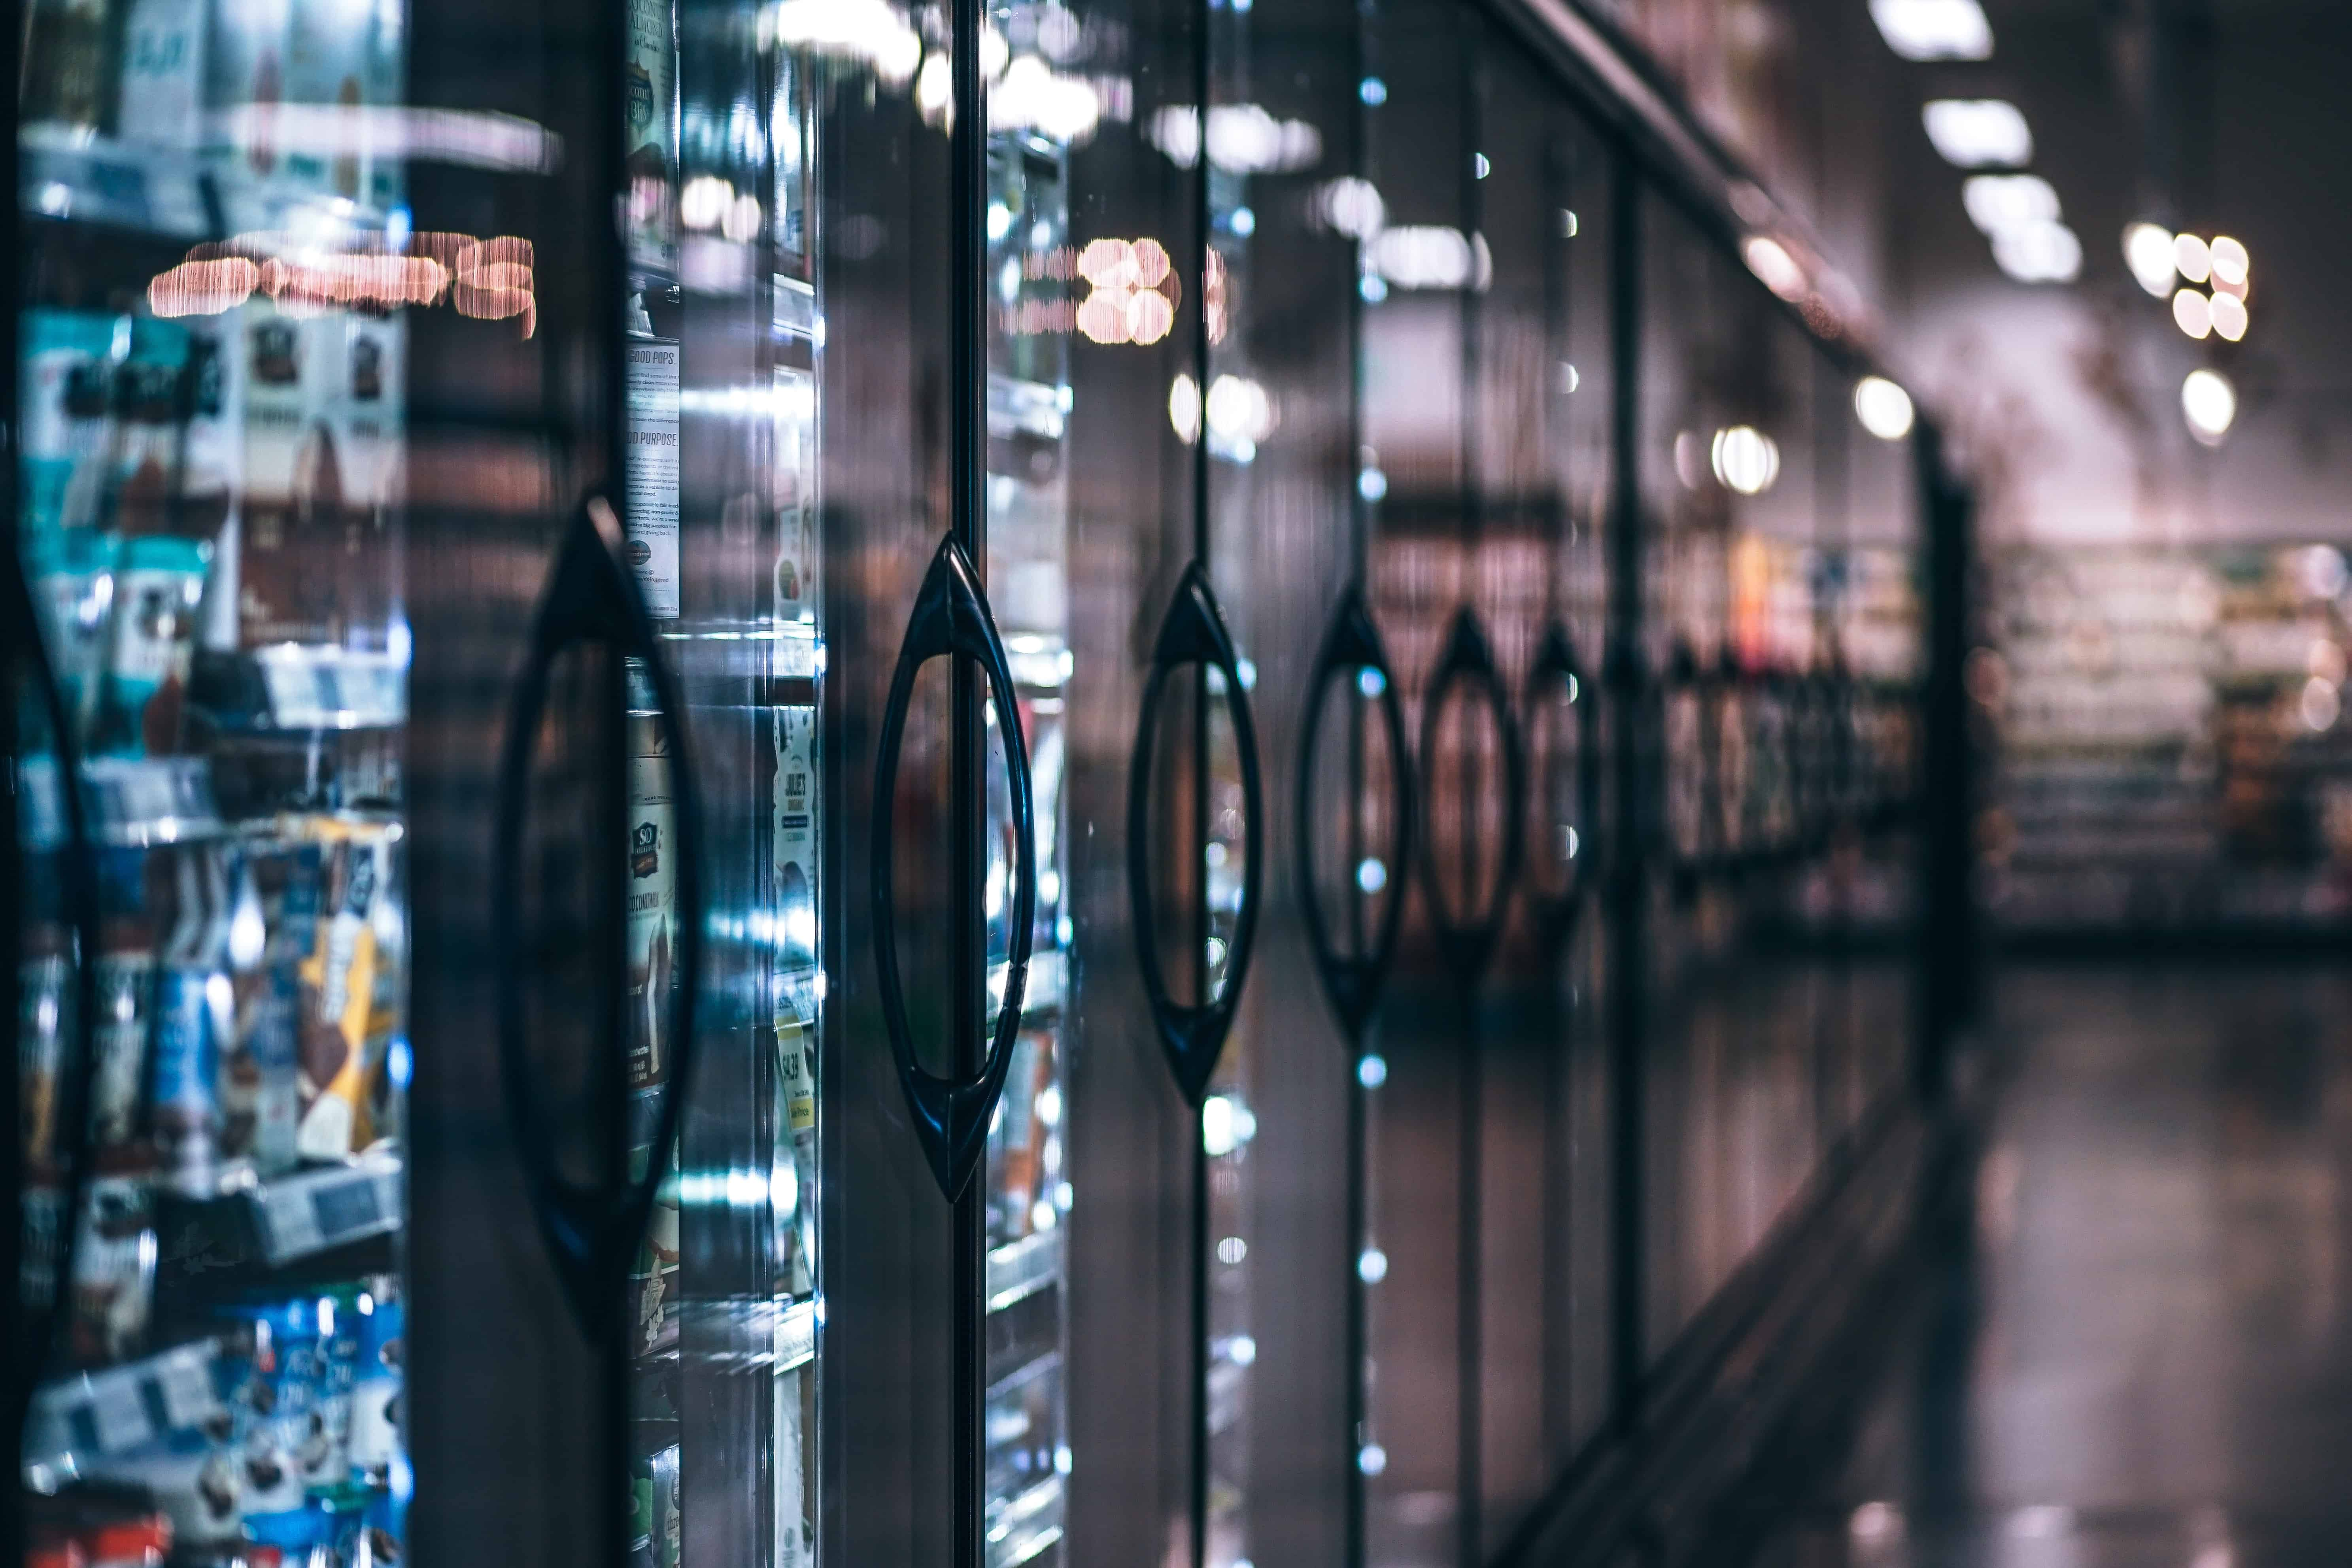 Kleiner Kühlschrank Stiftung Warentest : Einbaukühlschrank test 2018 die besten kühlschränke im vergleich